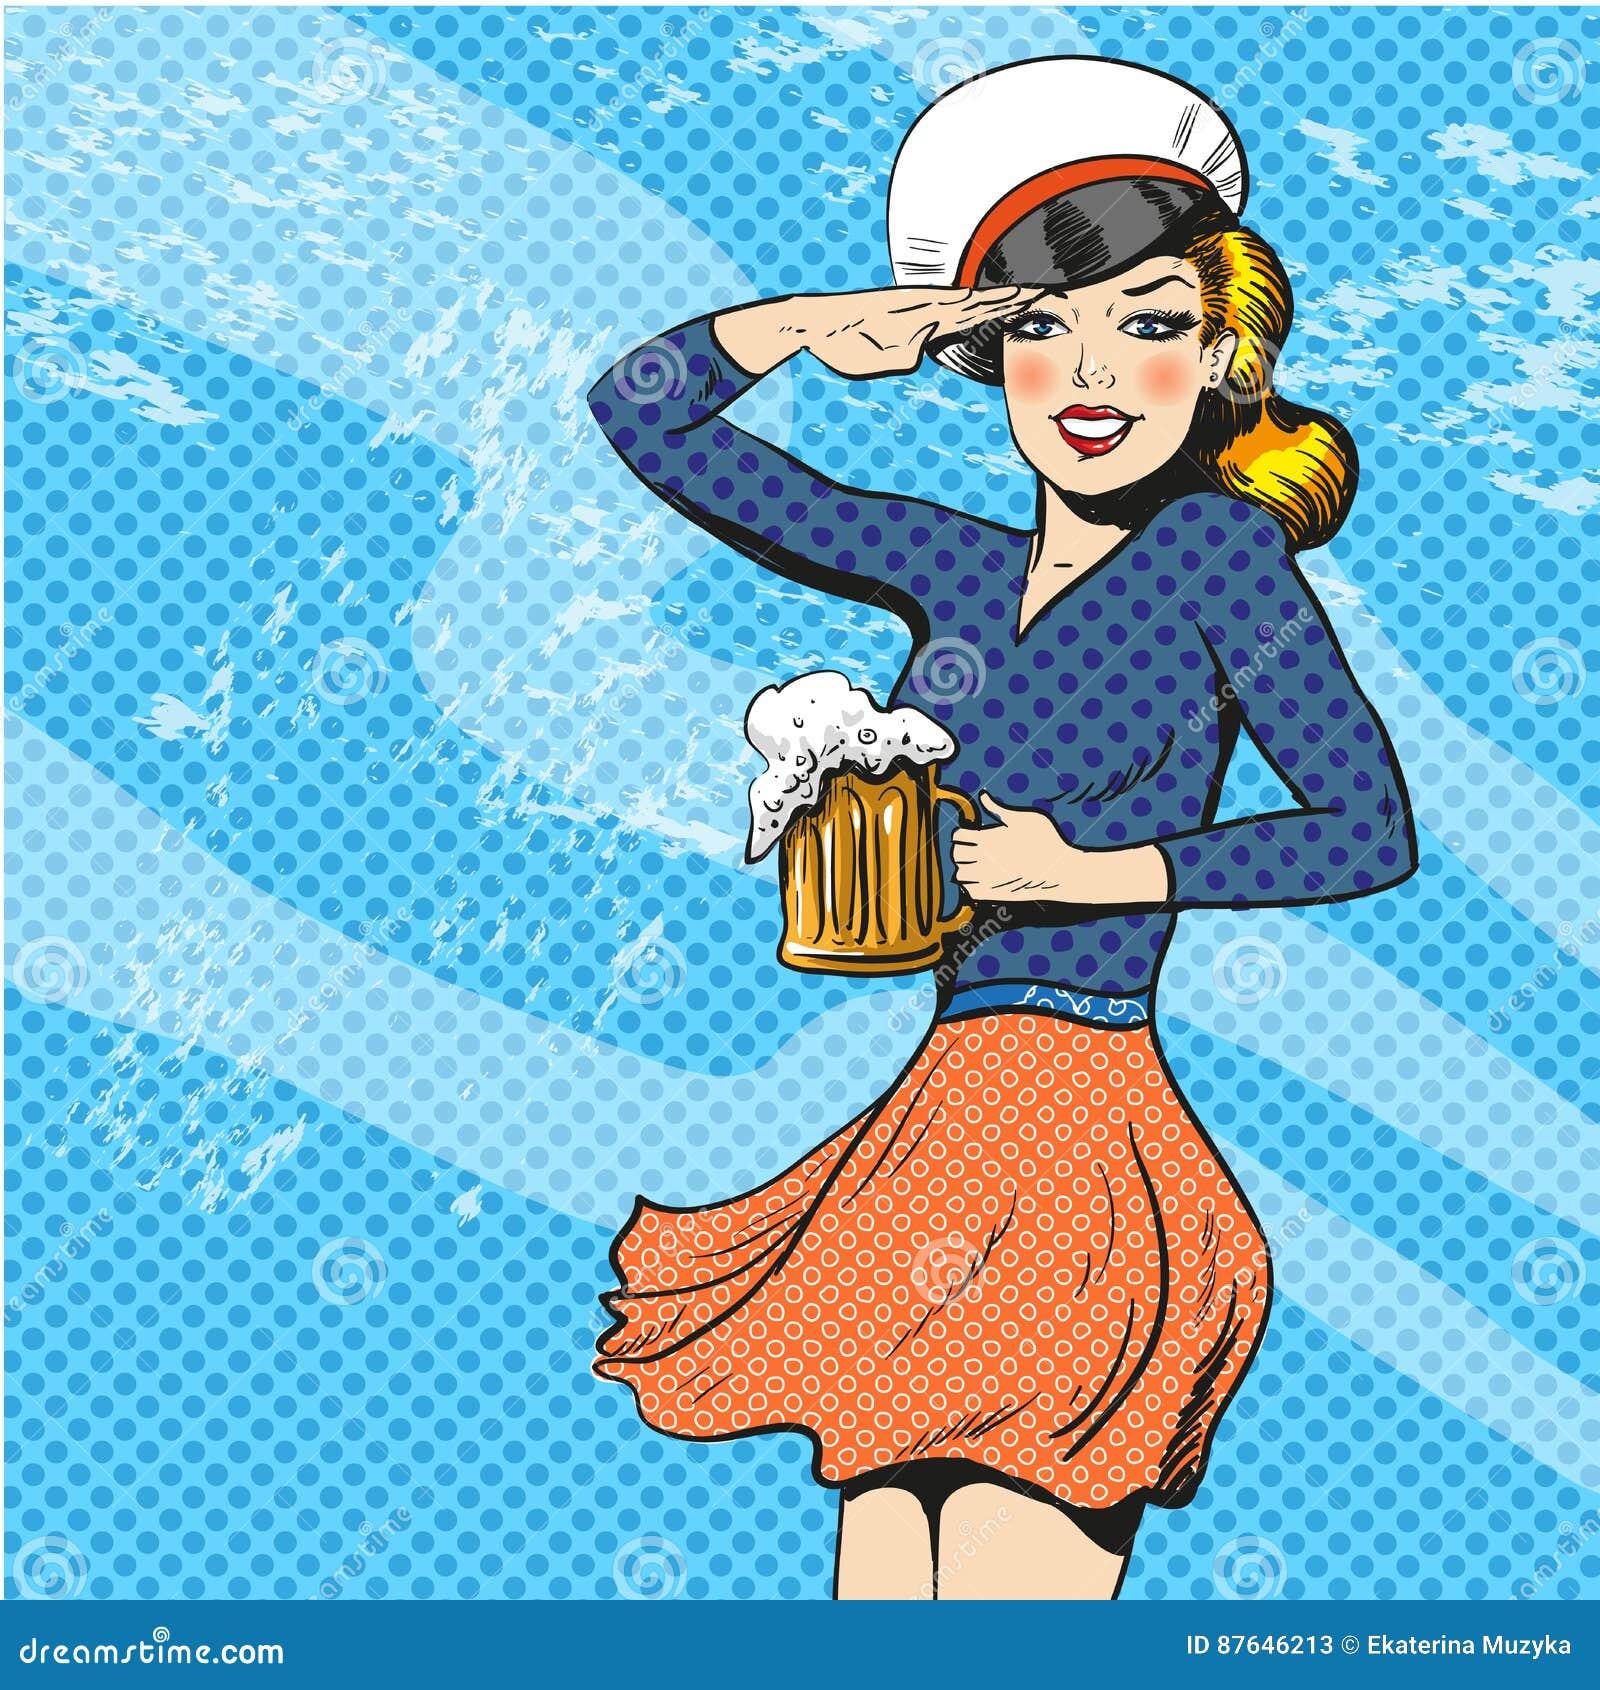 Vectorillustratie van zeemansvrouw, retro pop-art grappige stijl